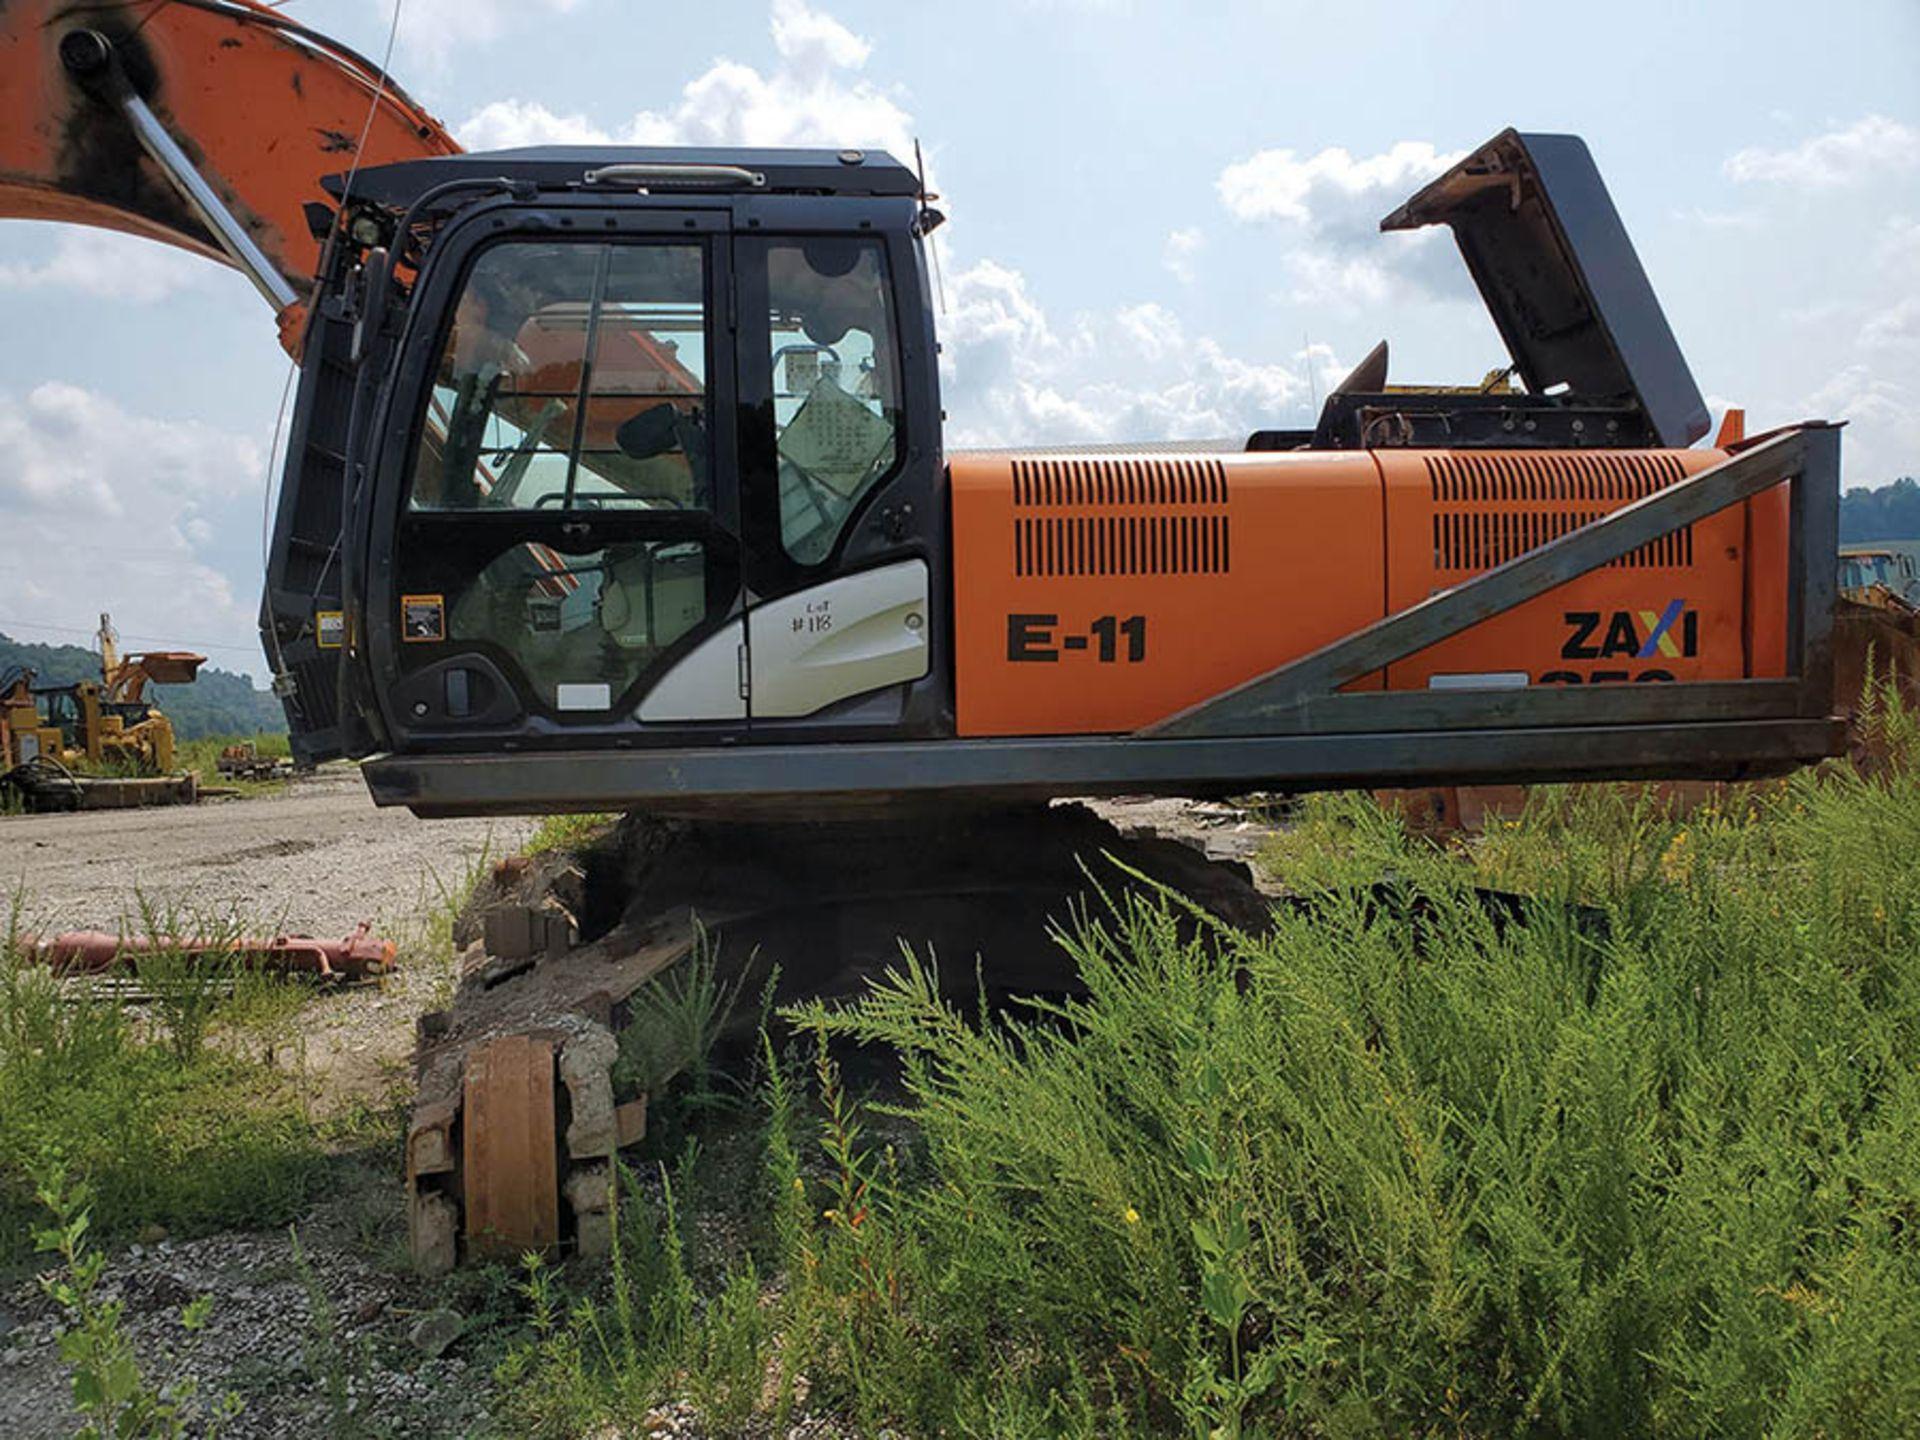 Lot 118 - HITACHI ZX350LC-5N EXCAVATOR, S/N: IFFDDC70HBE930053, 50'' BUCKET WITH TEETH, ISUZU DIESEL ENGINE,